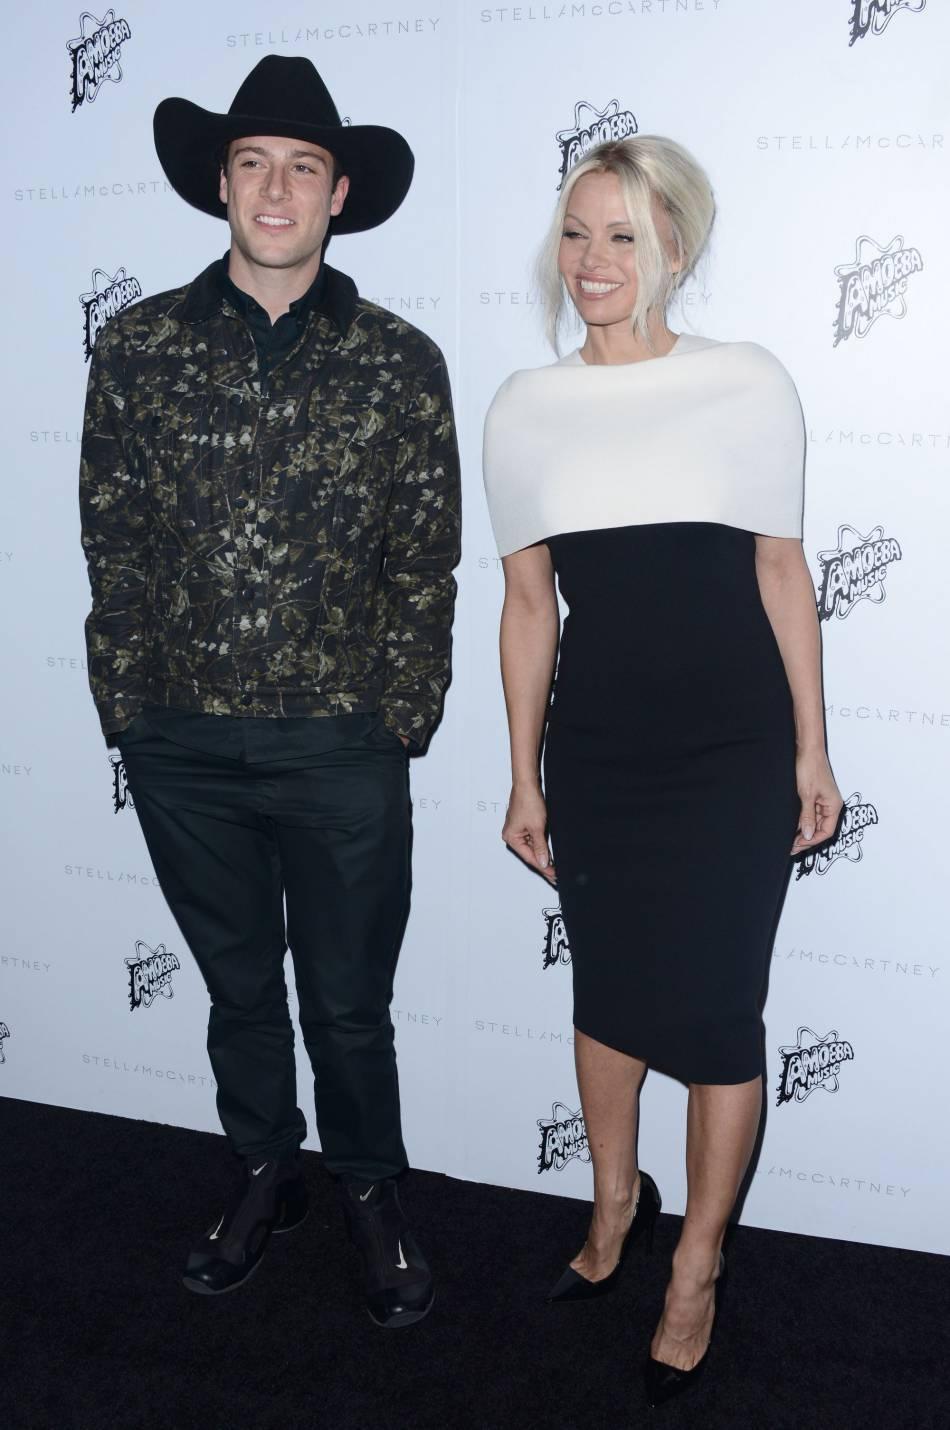 Pamela Anderson et son fils Brandon Lee Thomas à la présentation de la collection de l'Automne 2016 de Stella McCartney, à Los Angeles, ce mardi 12 janvier 2016.